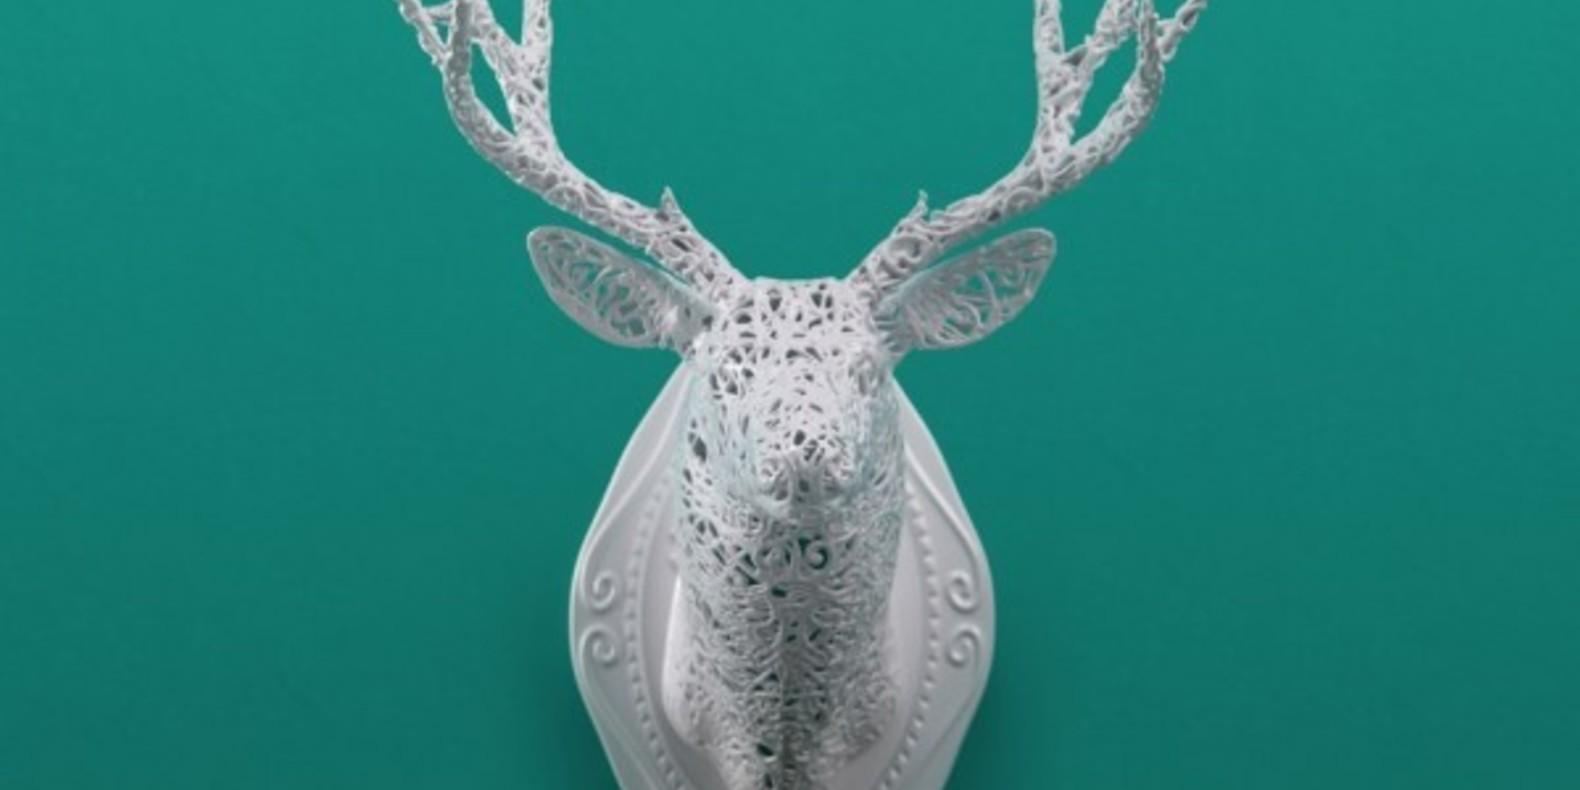 Linlin & Pierre-Yves Jacques 3D art creation print show paris 2013 deer elephant bird girafe design impression 3D cults 1